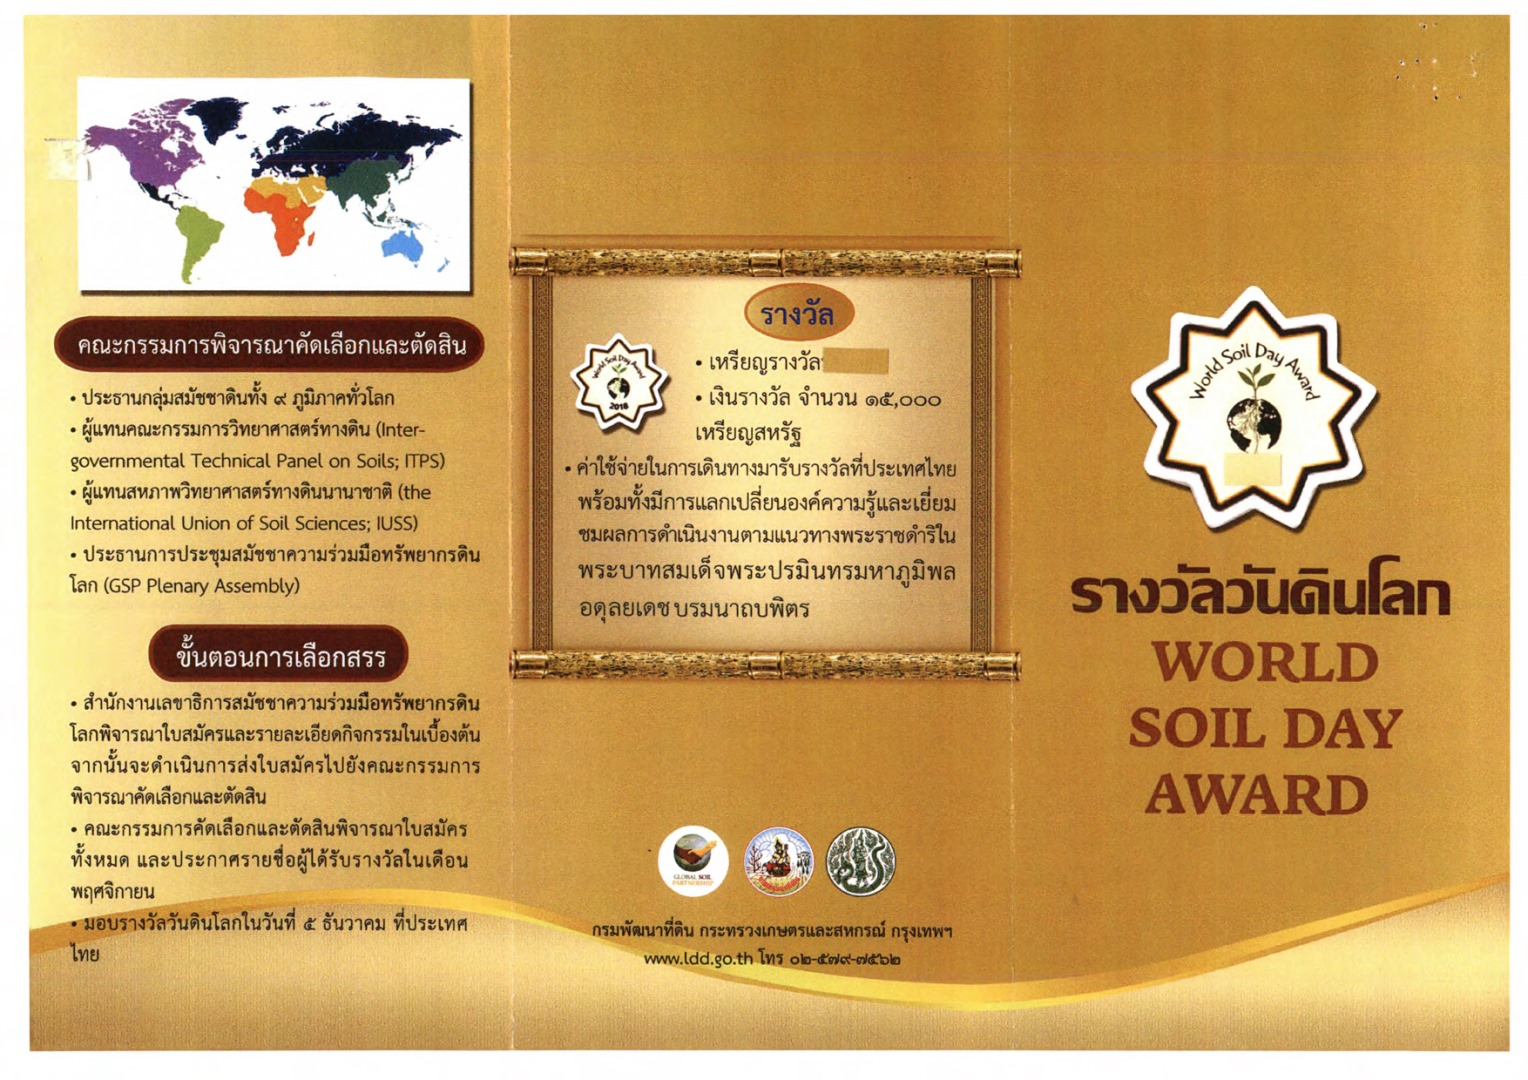 ขอเชิญเข้าร่วมการประกวดชิงรางวัลวันดินโลก King Bhumibol World Soil Day Award